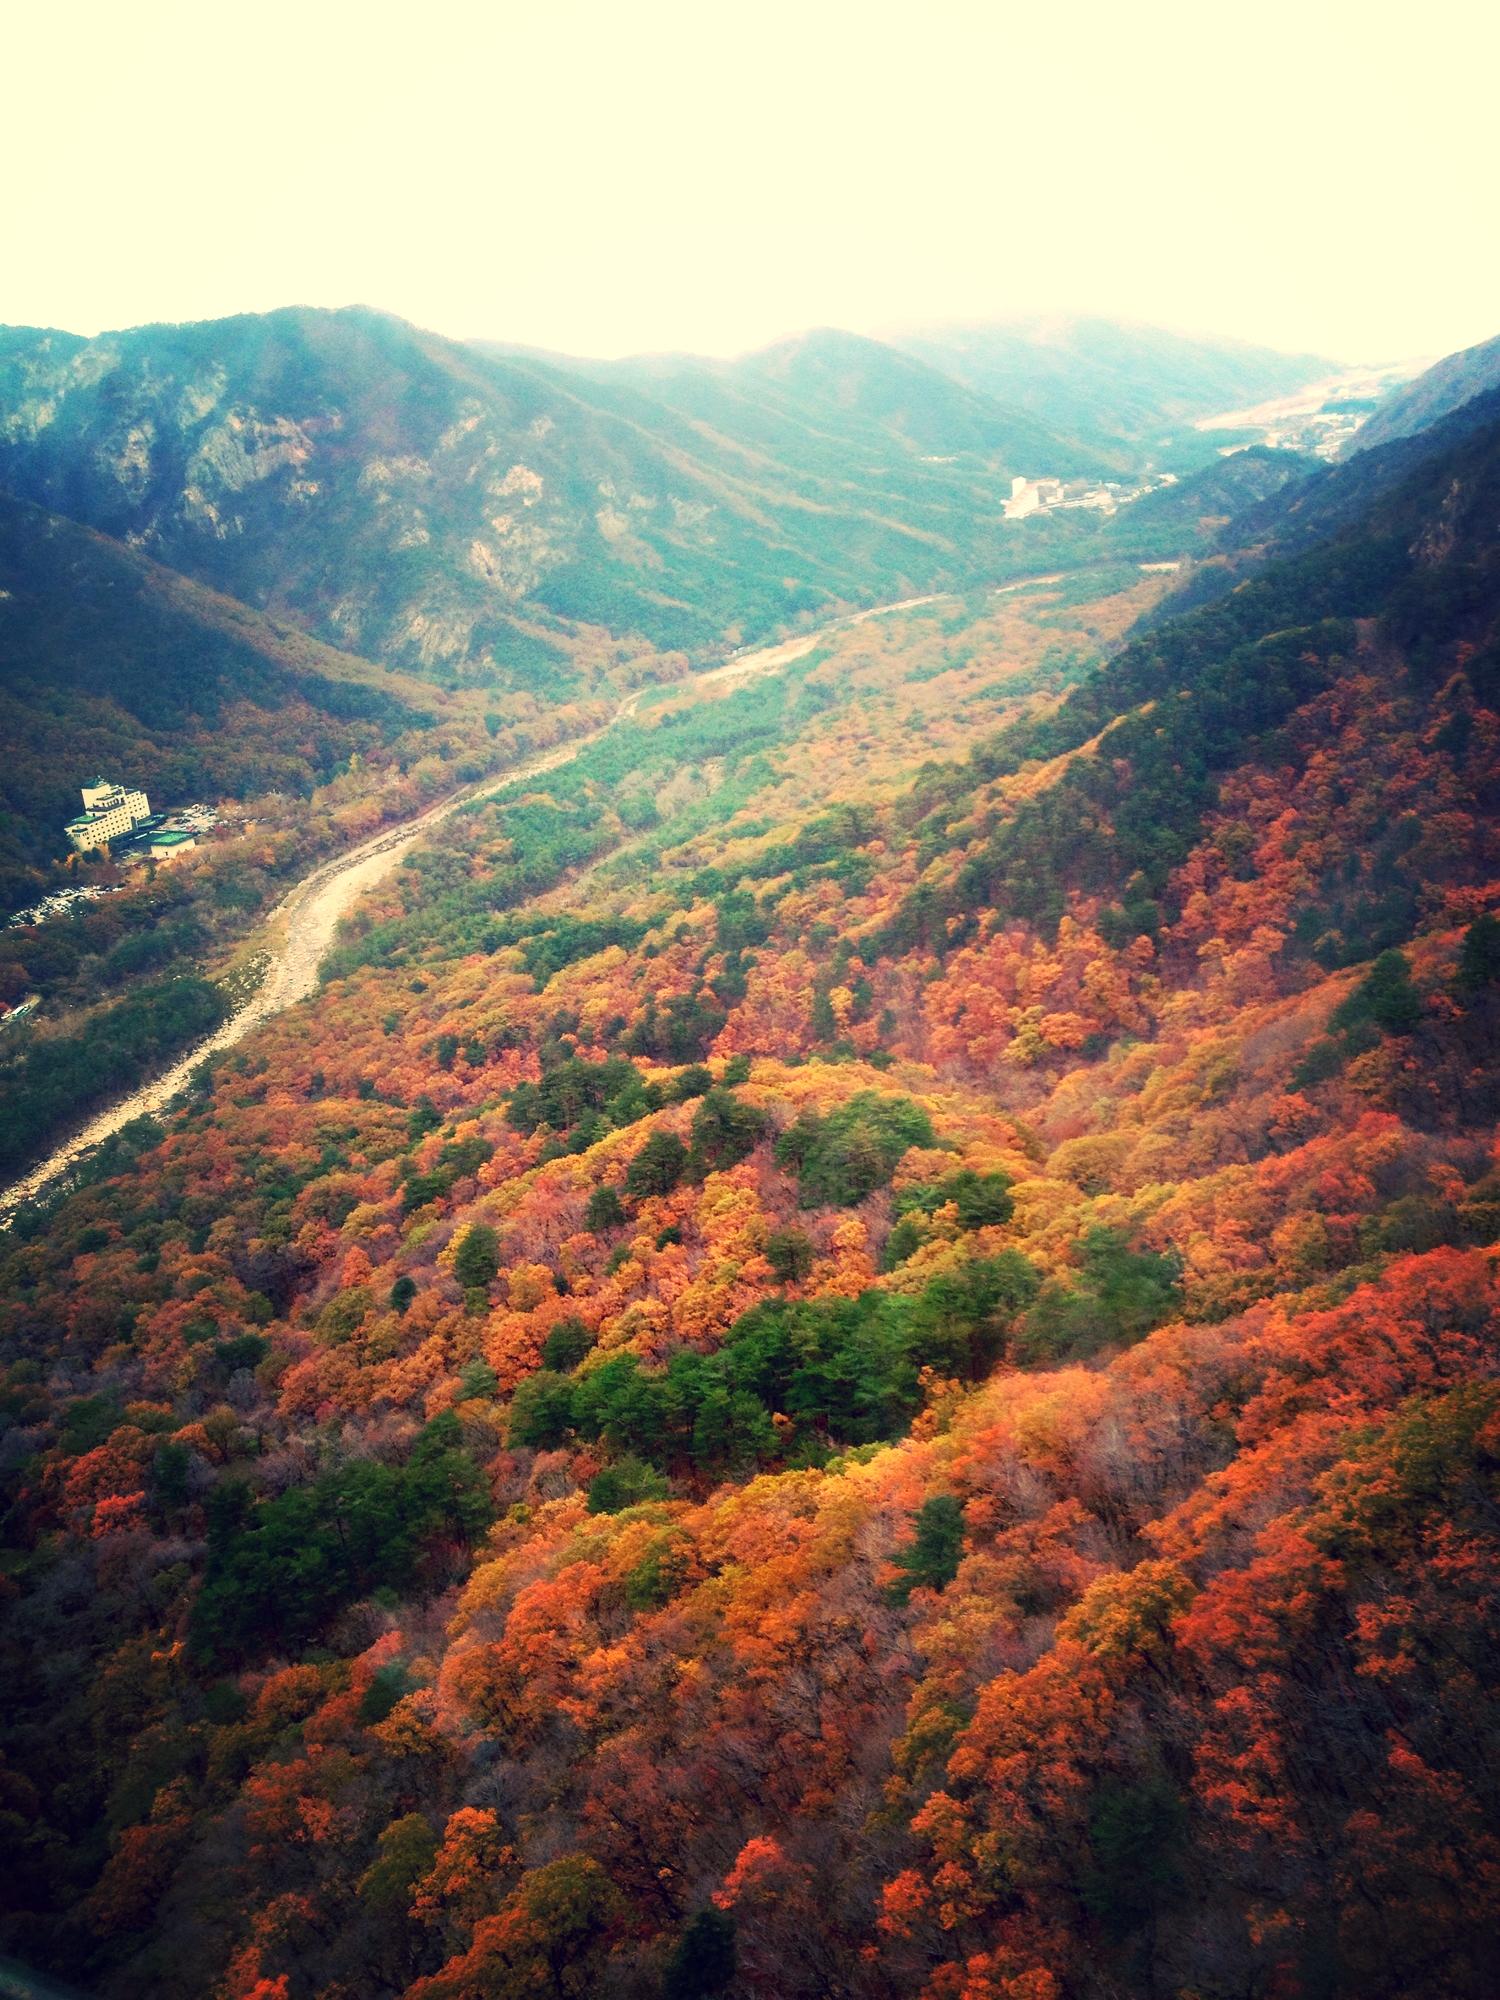 당풍 - my favourite part about having seasons.